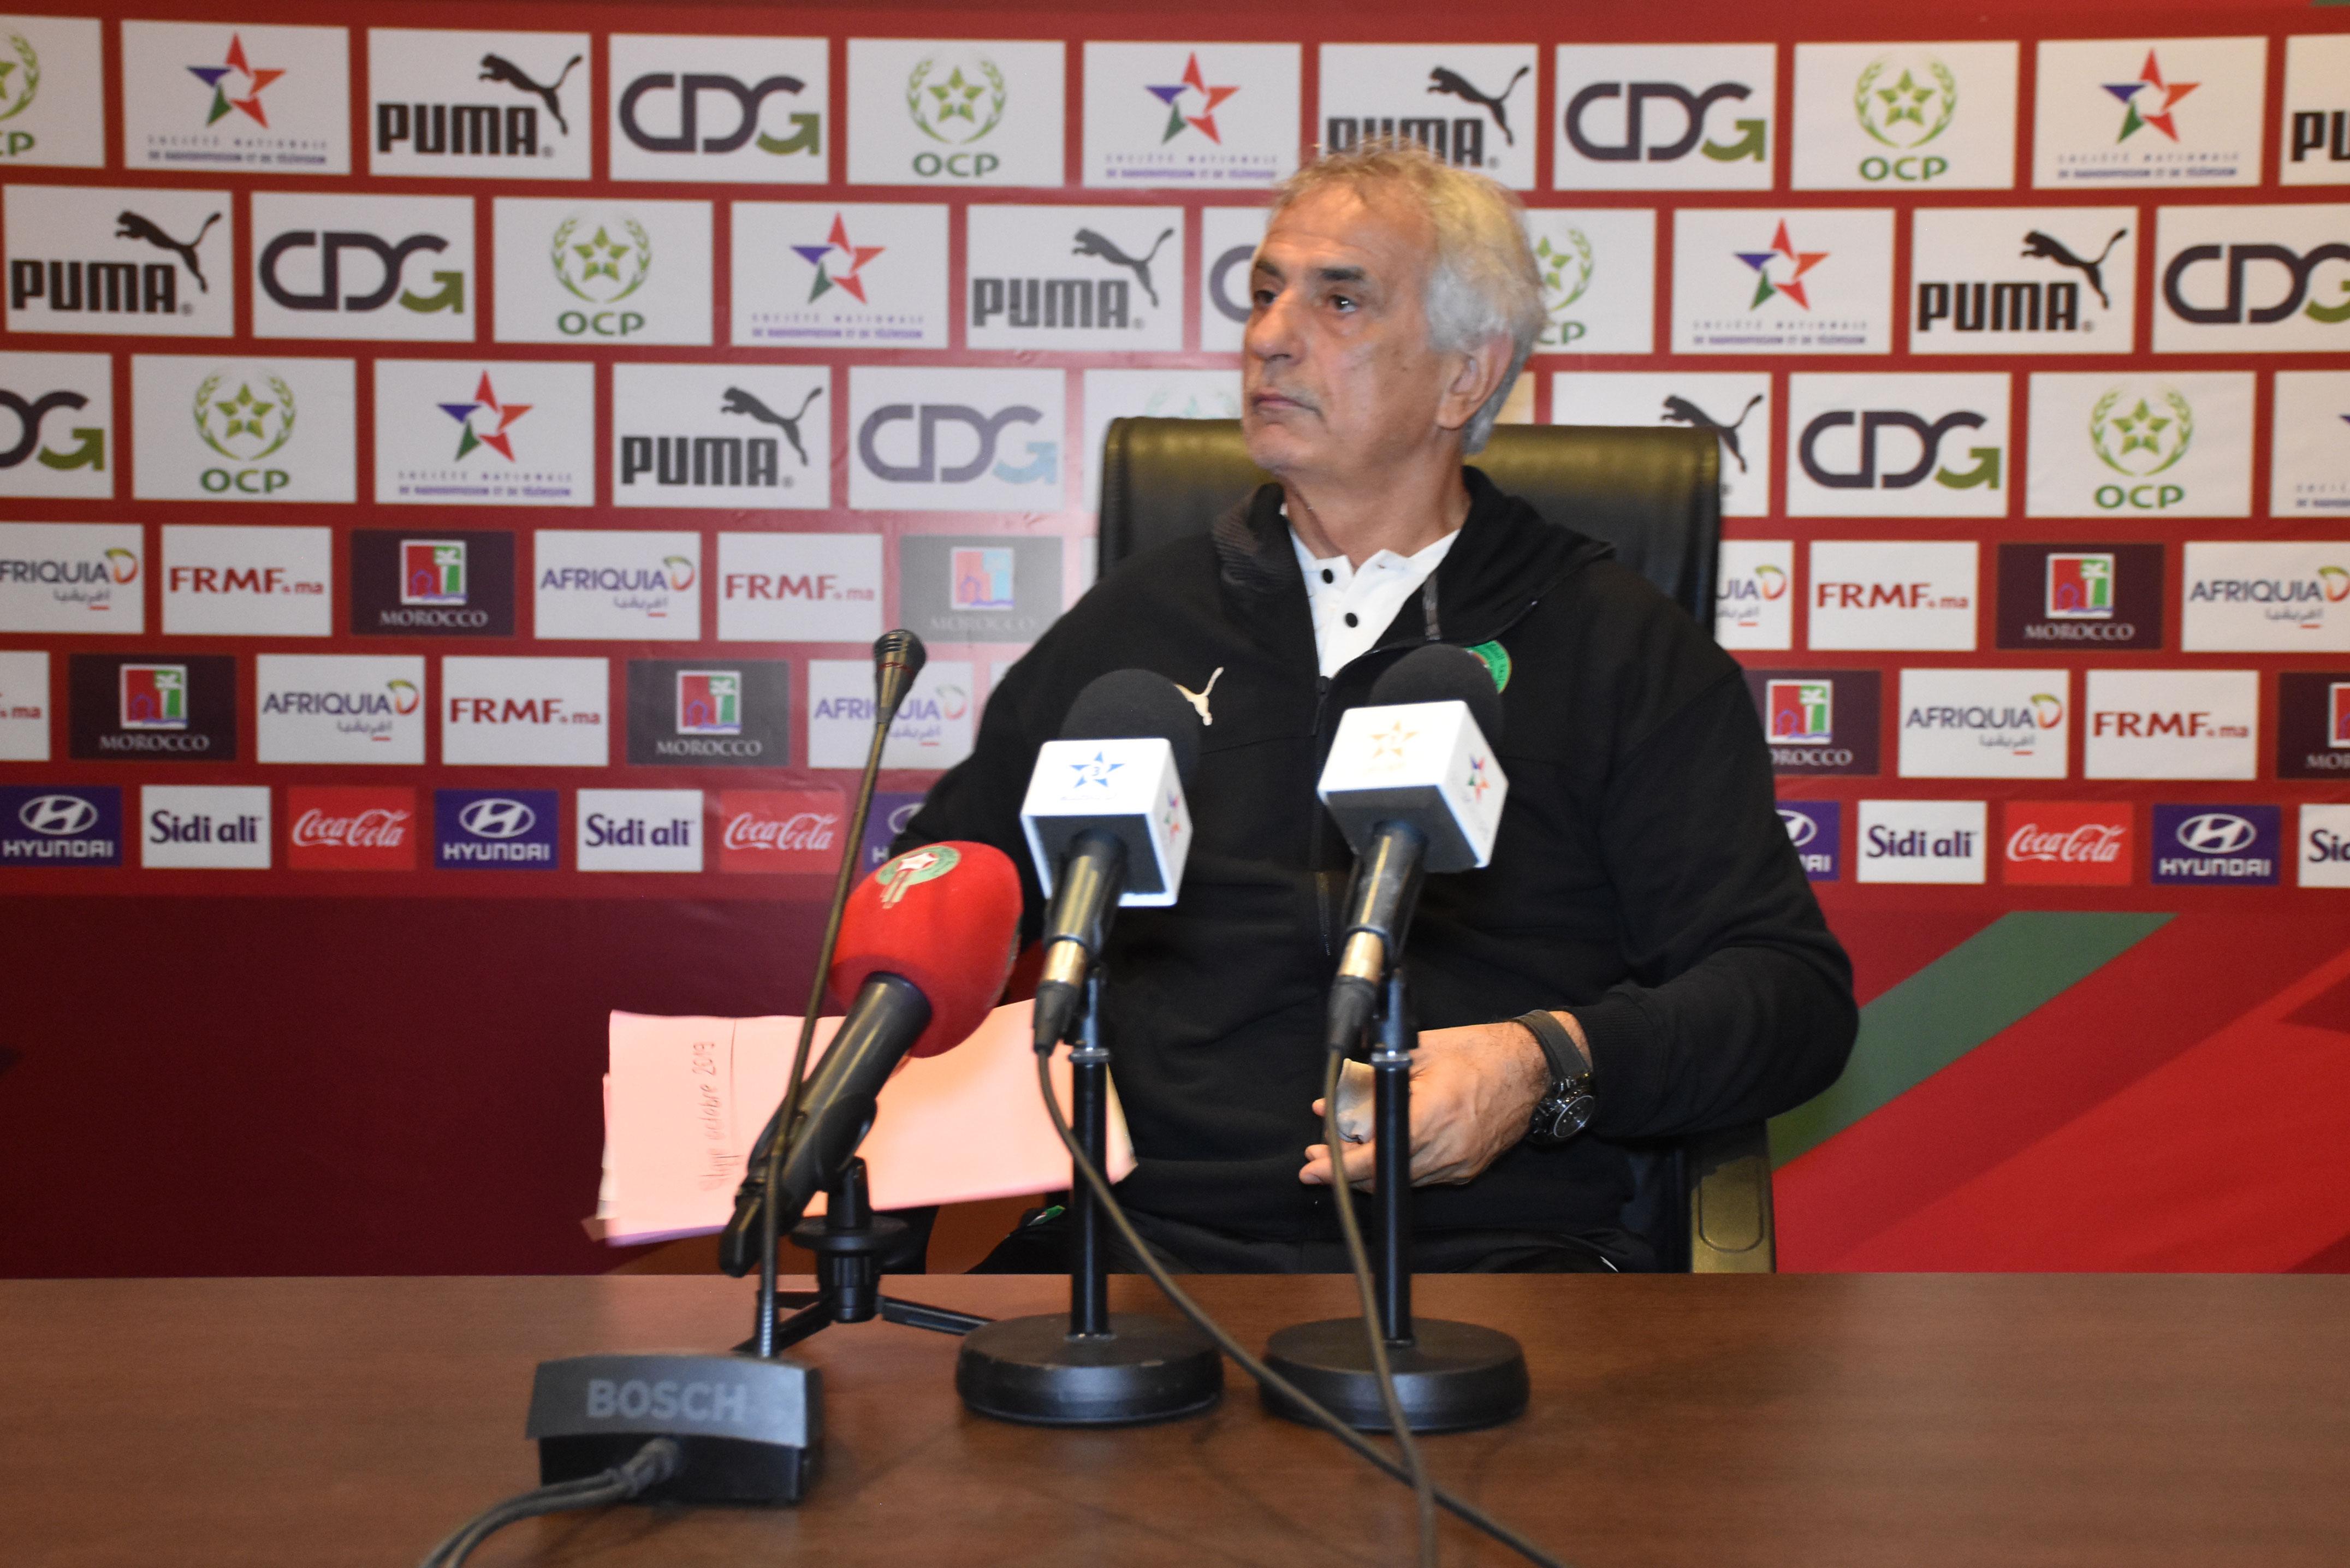 هاليلودزيتش: كنت مهاجما وأعلم ما ينقص المنتخب المغربي